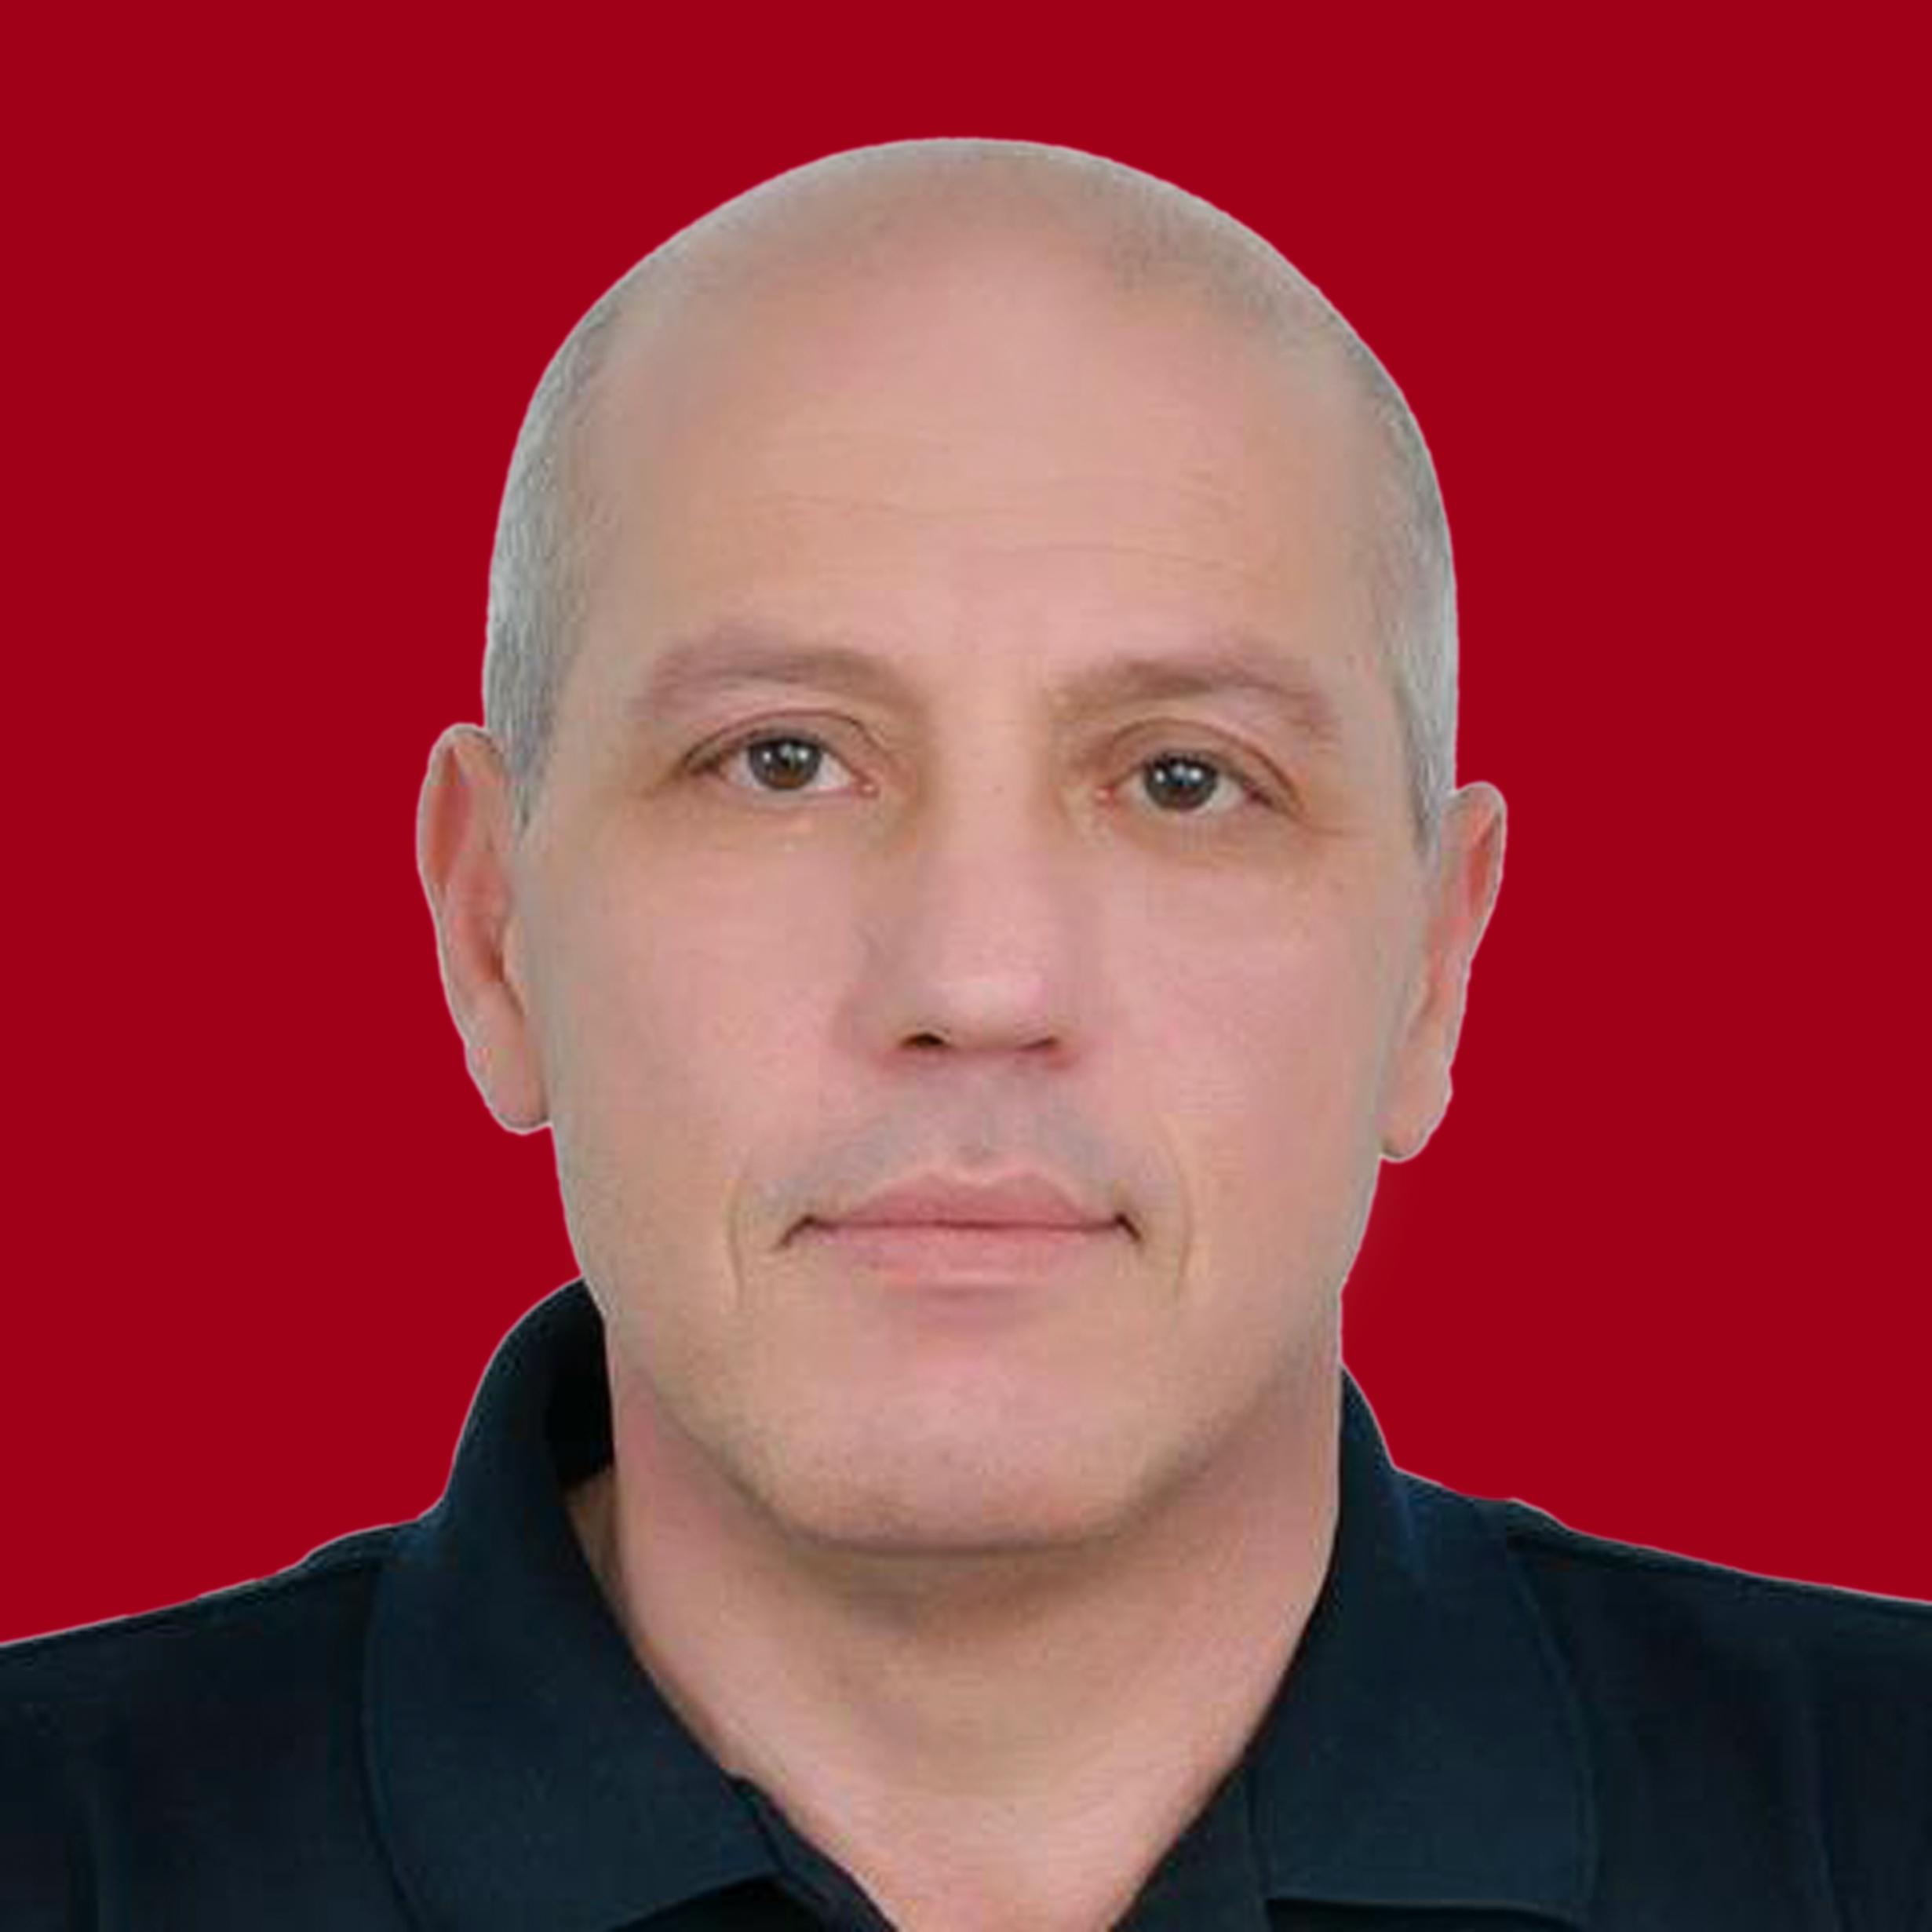 توتر بين الإخوان والحكومة - Alghad